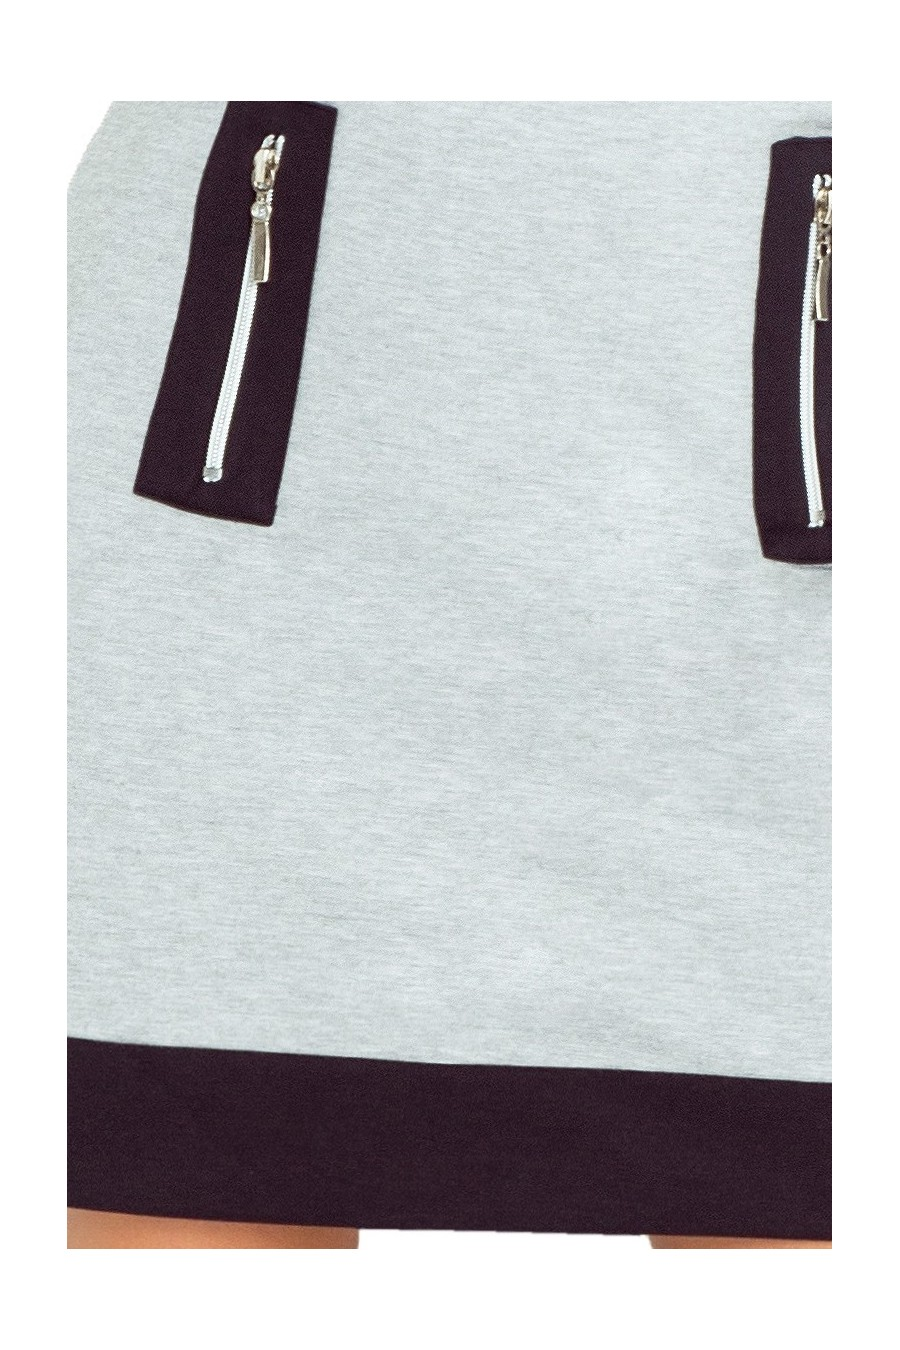 129-1 Justyna šaty se třemi zámky - šedá + černé zámky